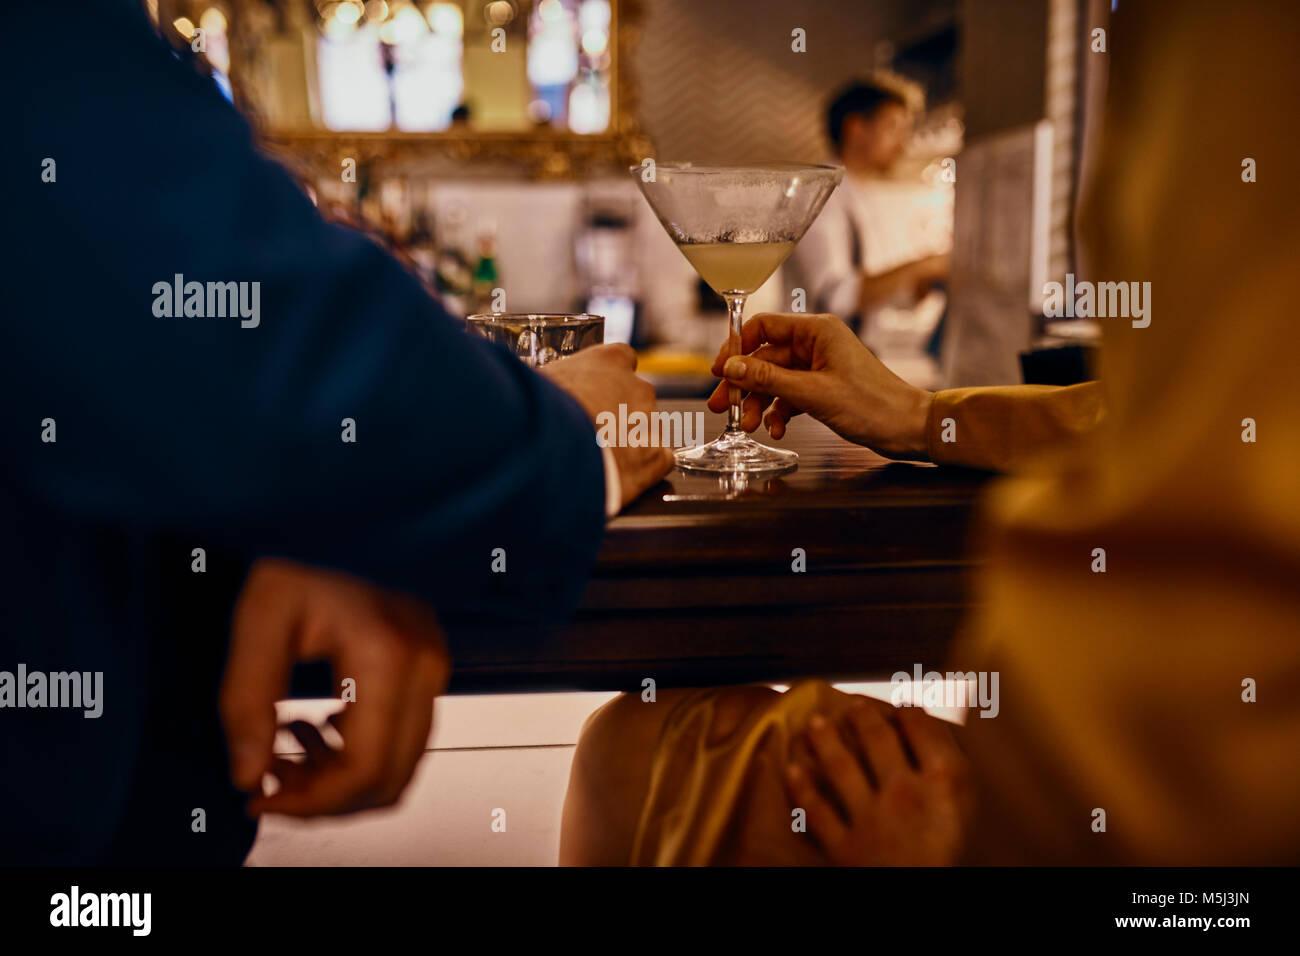 Cerca de la elegante pareja tomando una copa en el mostrador en un bar. Imagen De Stock